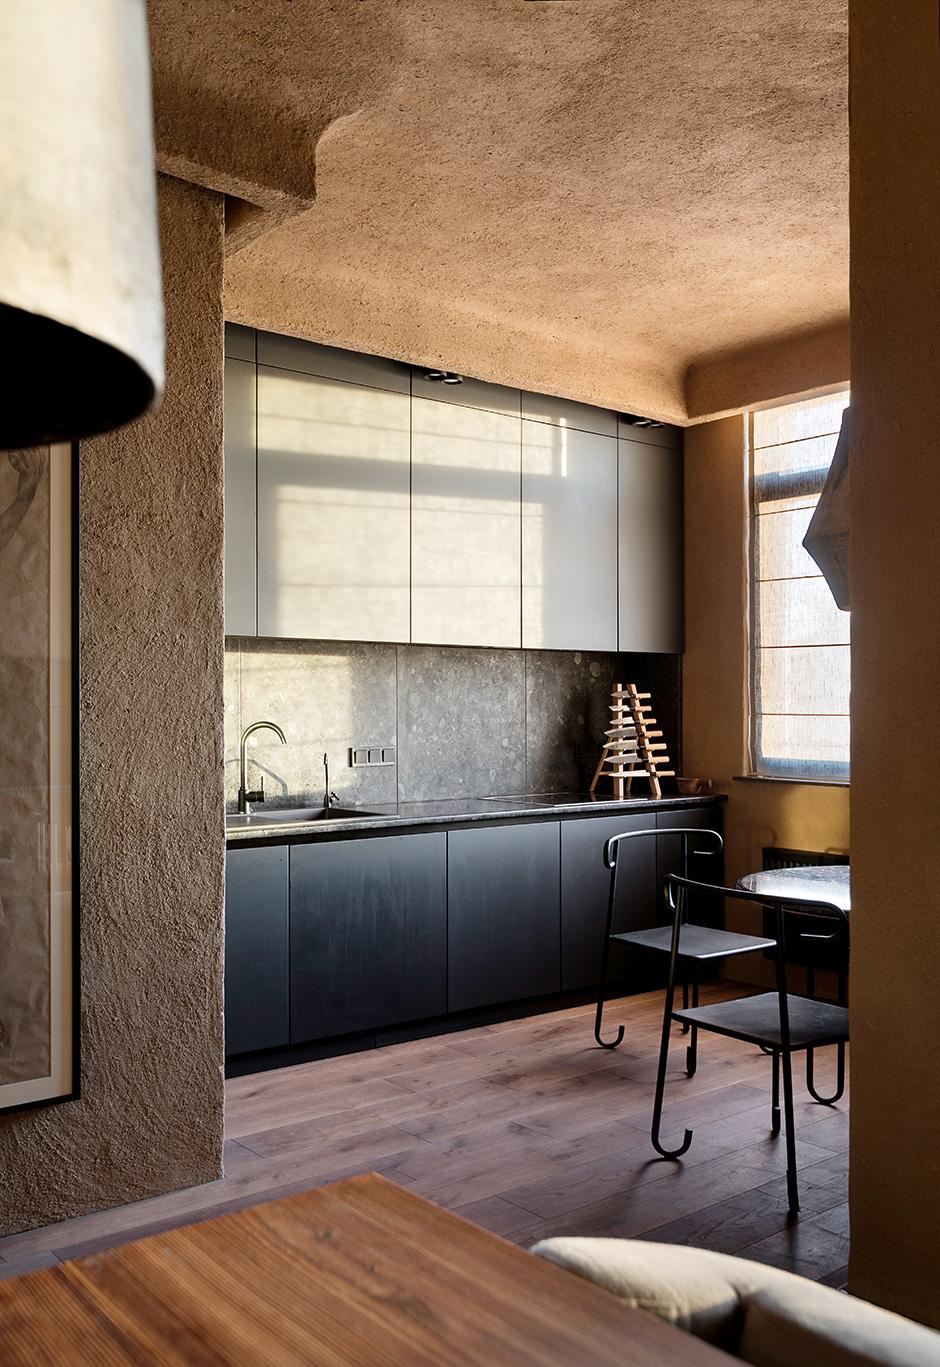 15 идей для кухни в темных тонах (галерея 0, фото 2)